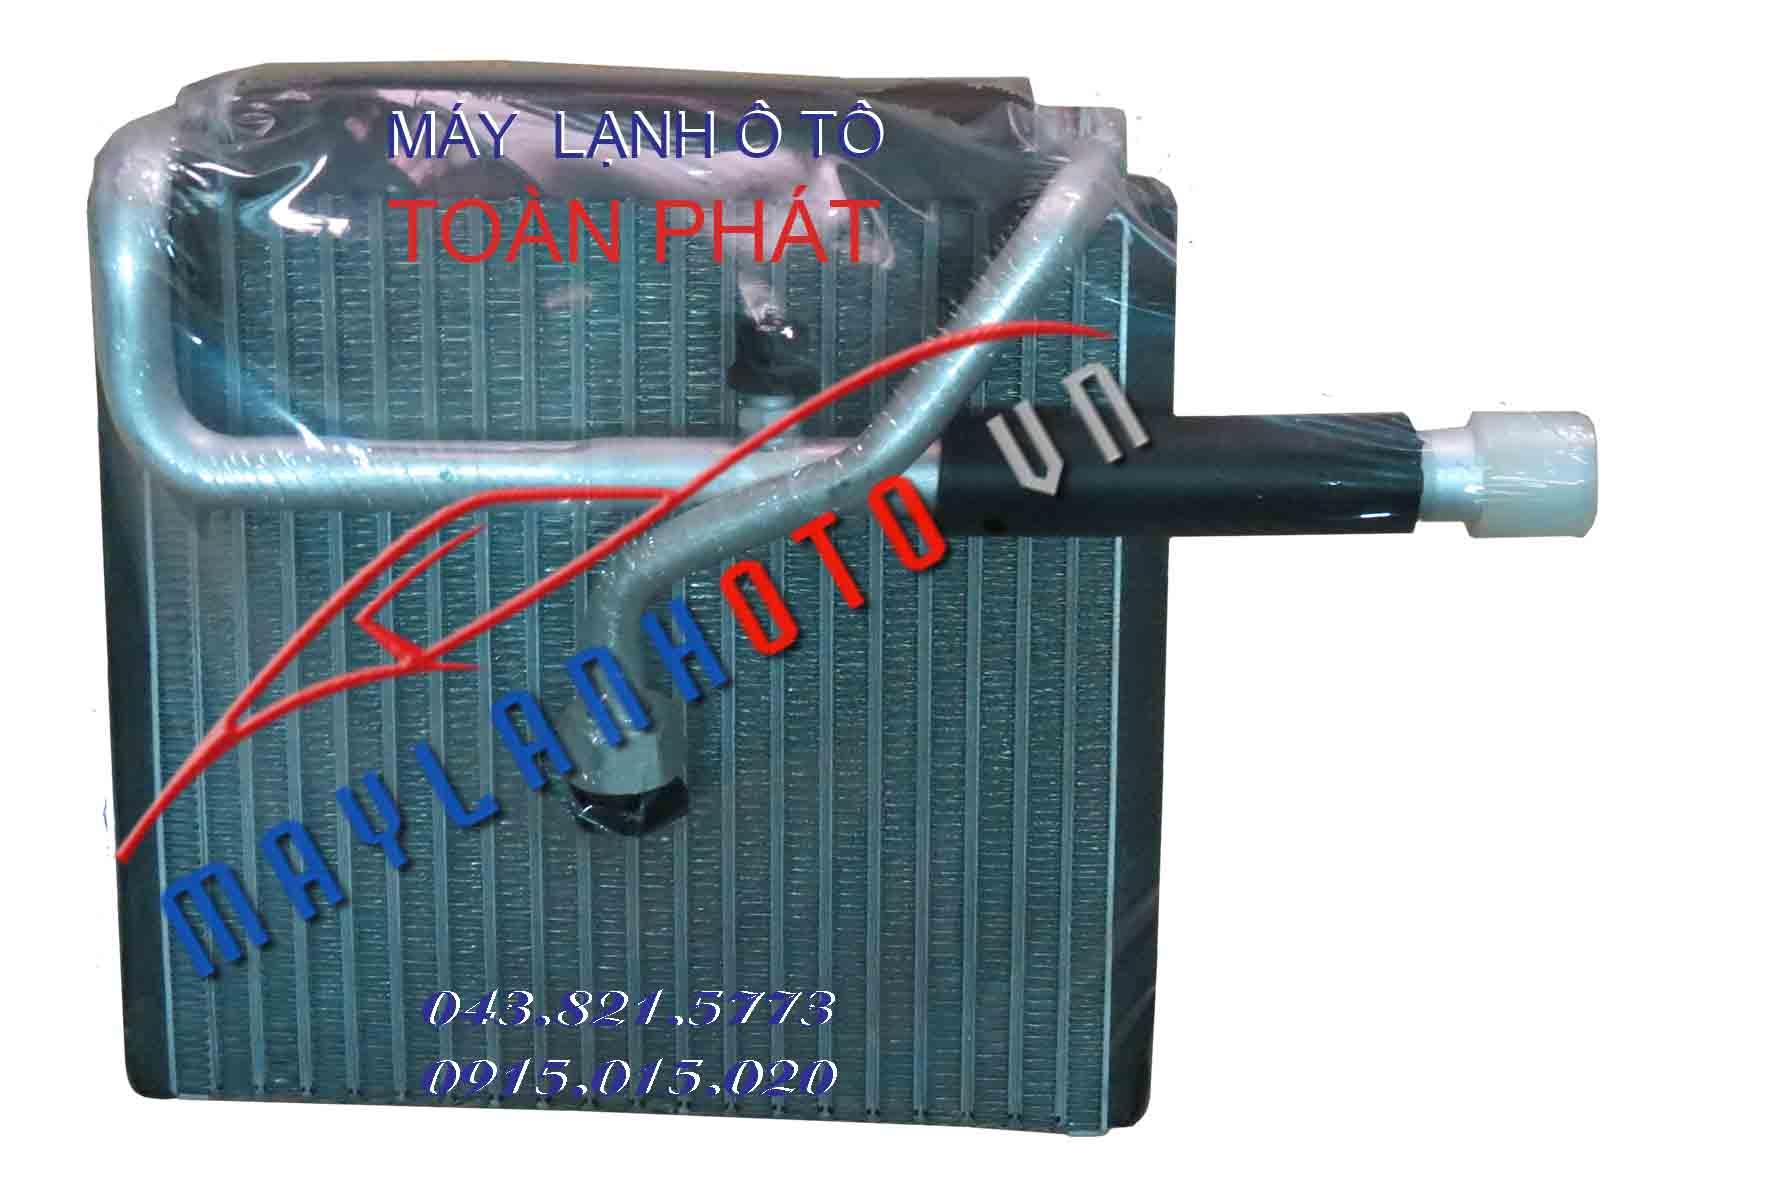 323 - 2000 / Giàn lạnh điều hòa Mazda 323-2000